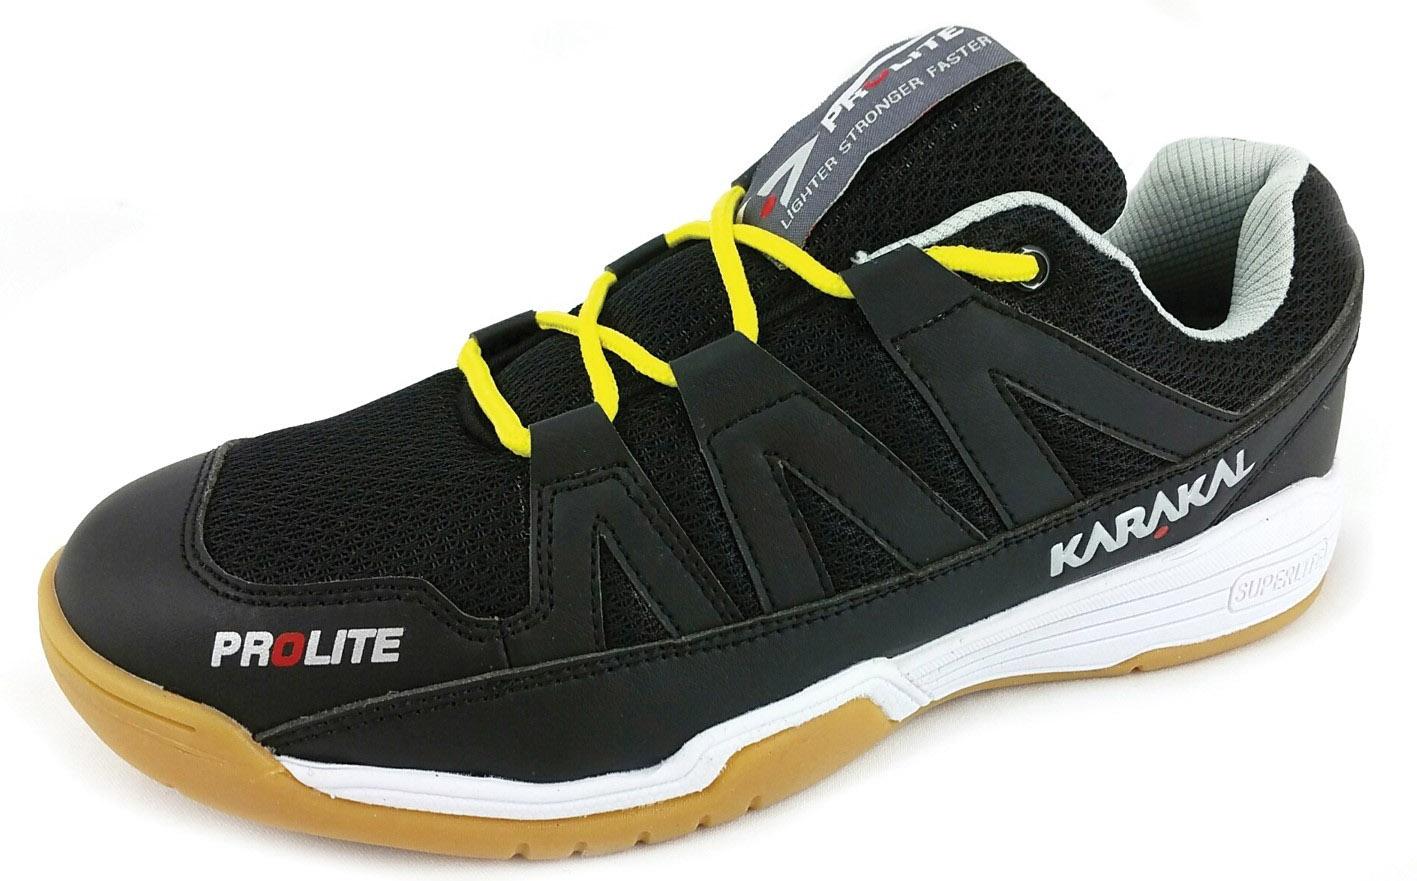 La chaussure de squash Karakal Prolite sans être une chaussure large, les pieds qui ont besoin de largeur se sentiront bien. Il y a plus d'amorti que dans les anciennes XS. Elles chaussent petites, prendre une pointure en plus.